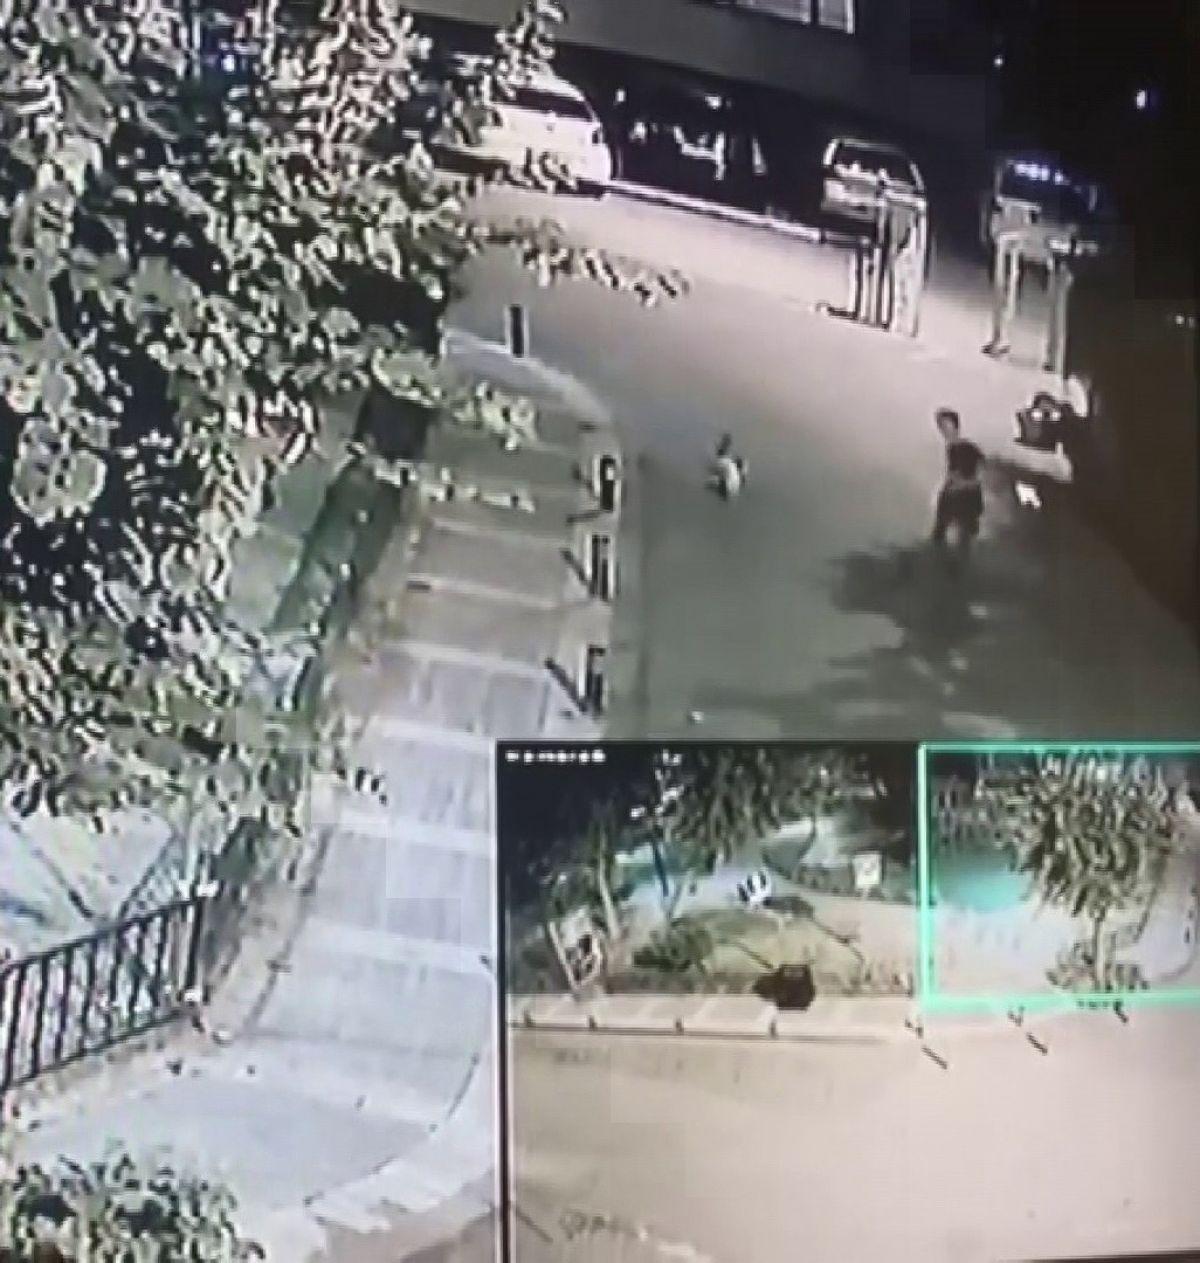 Üsküdar da bir şahsın sokak kedisini yerden yere vurduğu anlar kamerada #7